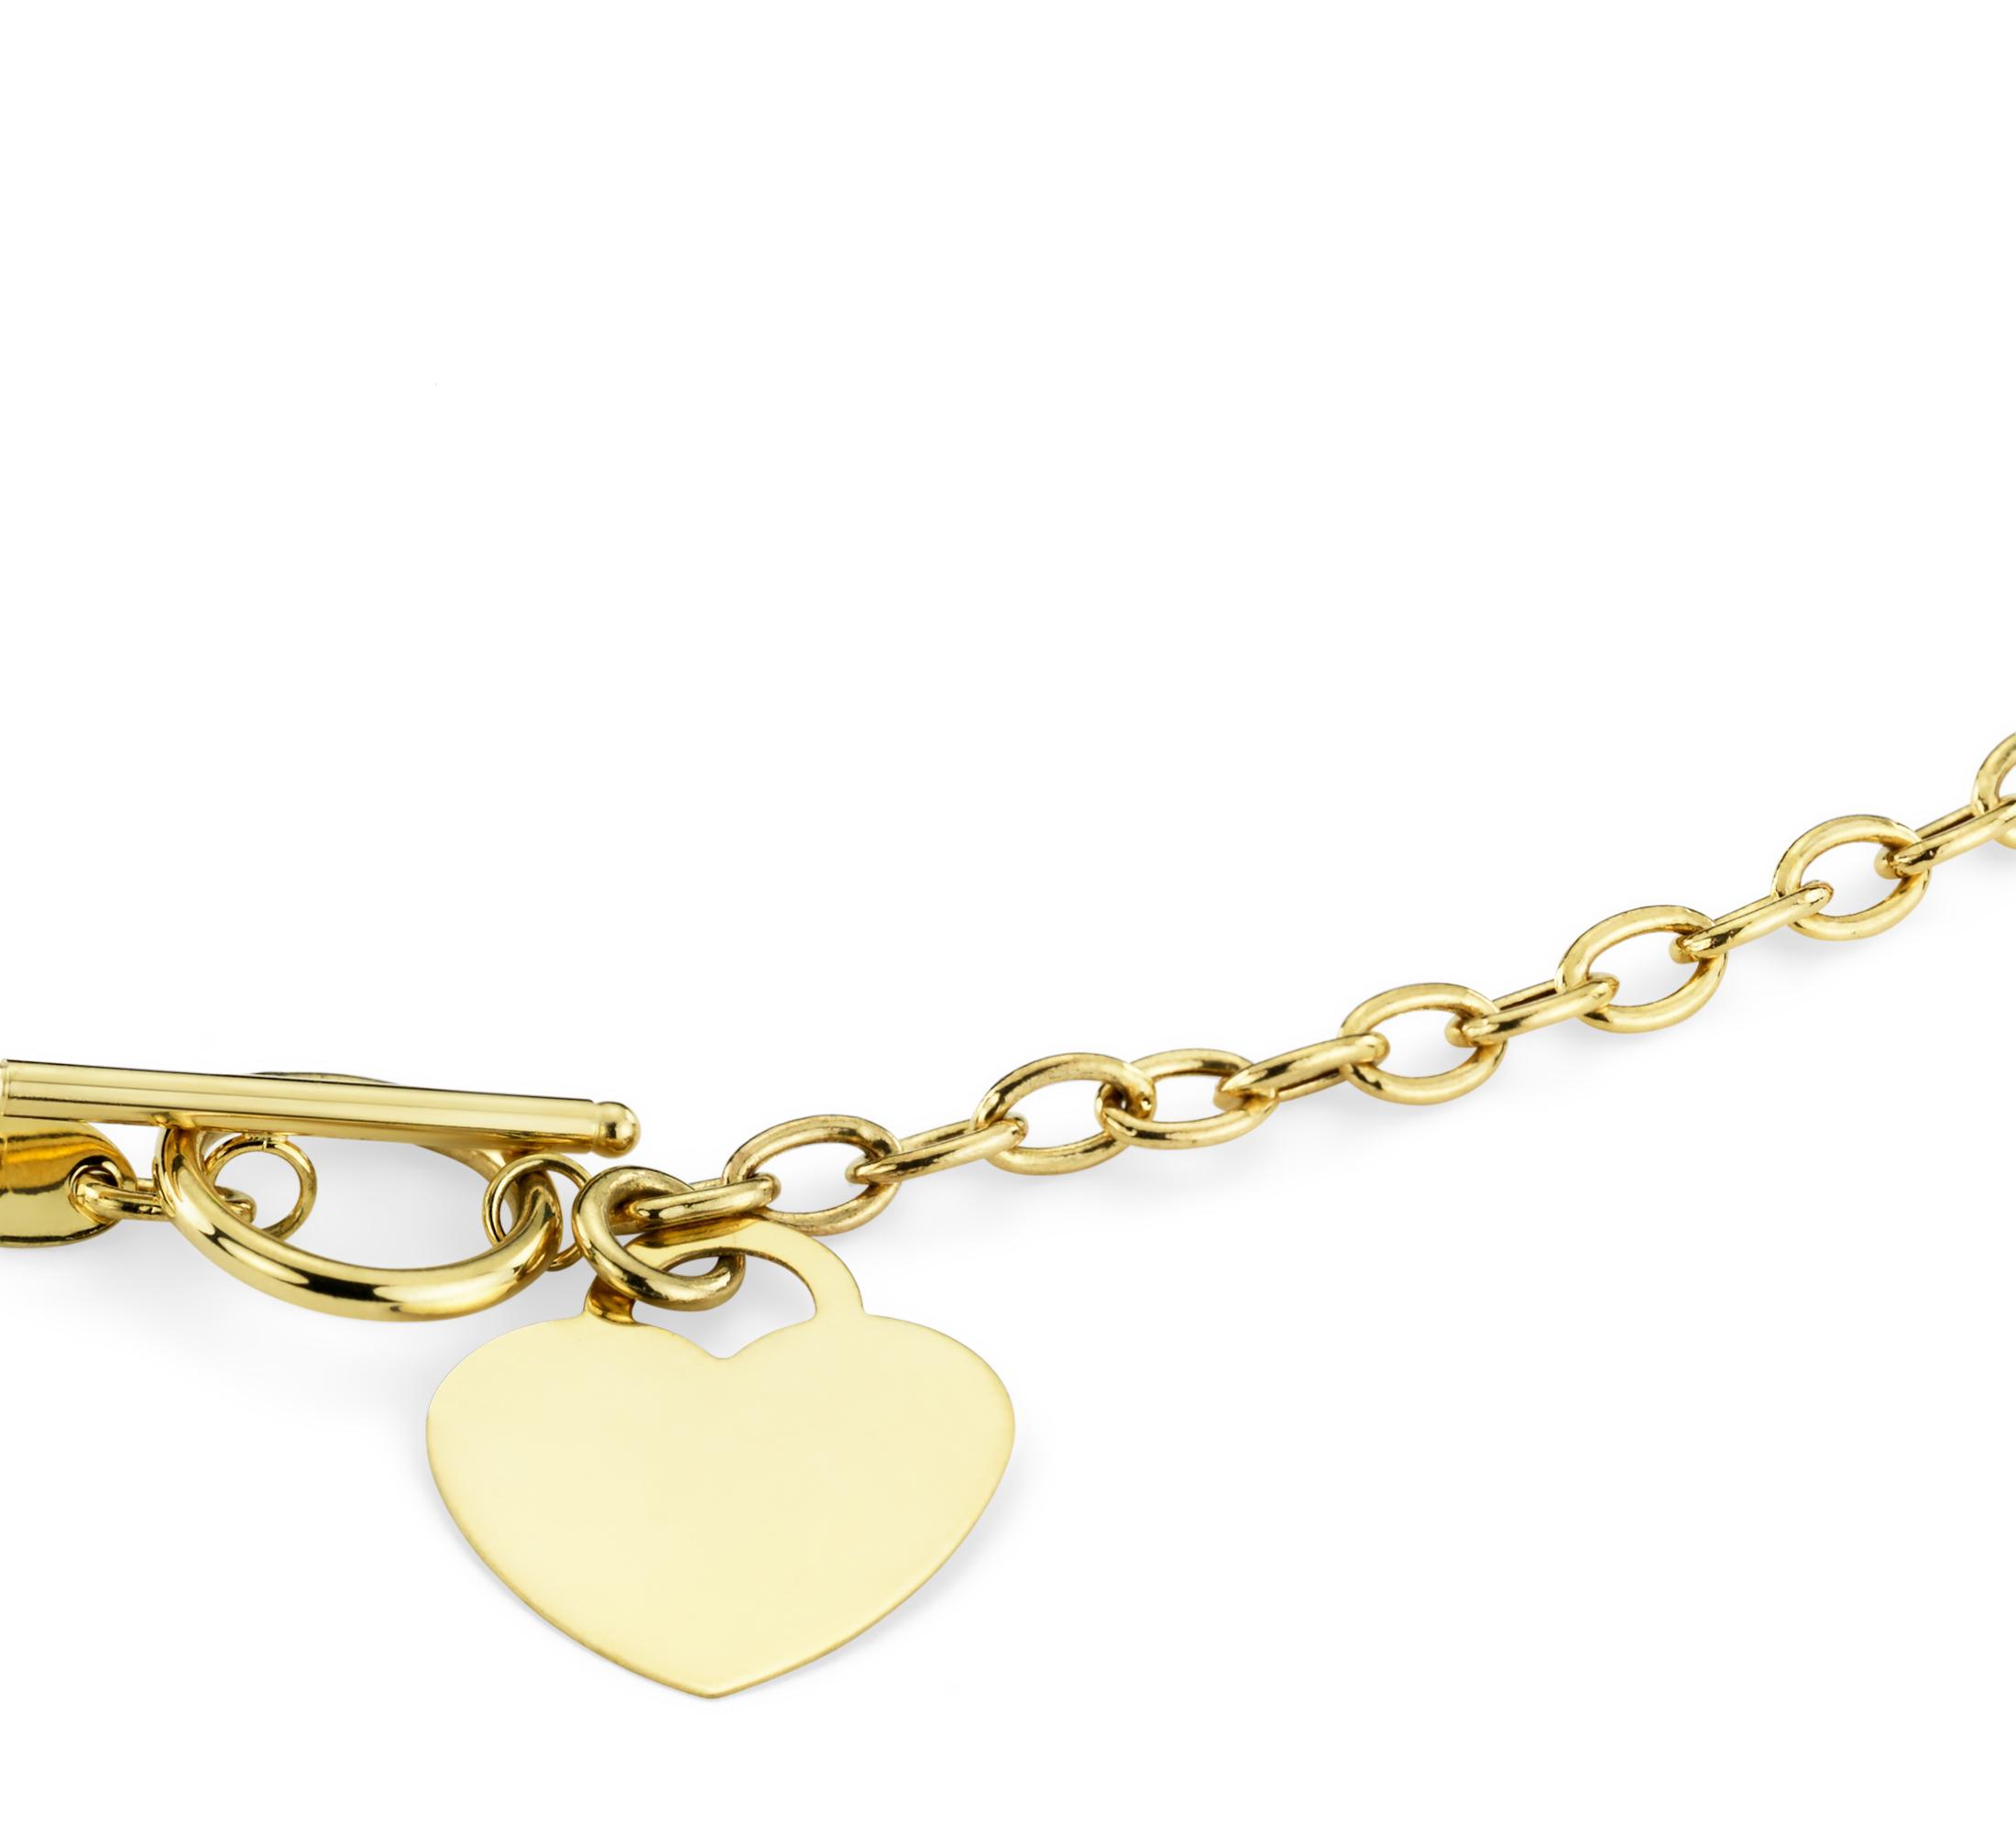 Petit collier bouton cœur en or jaune 14carats